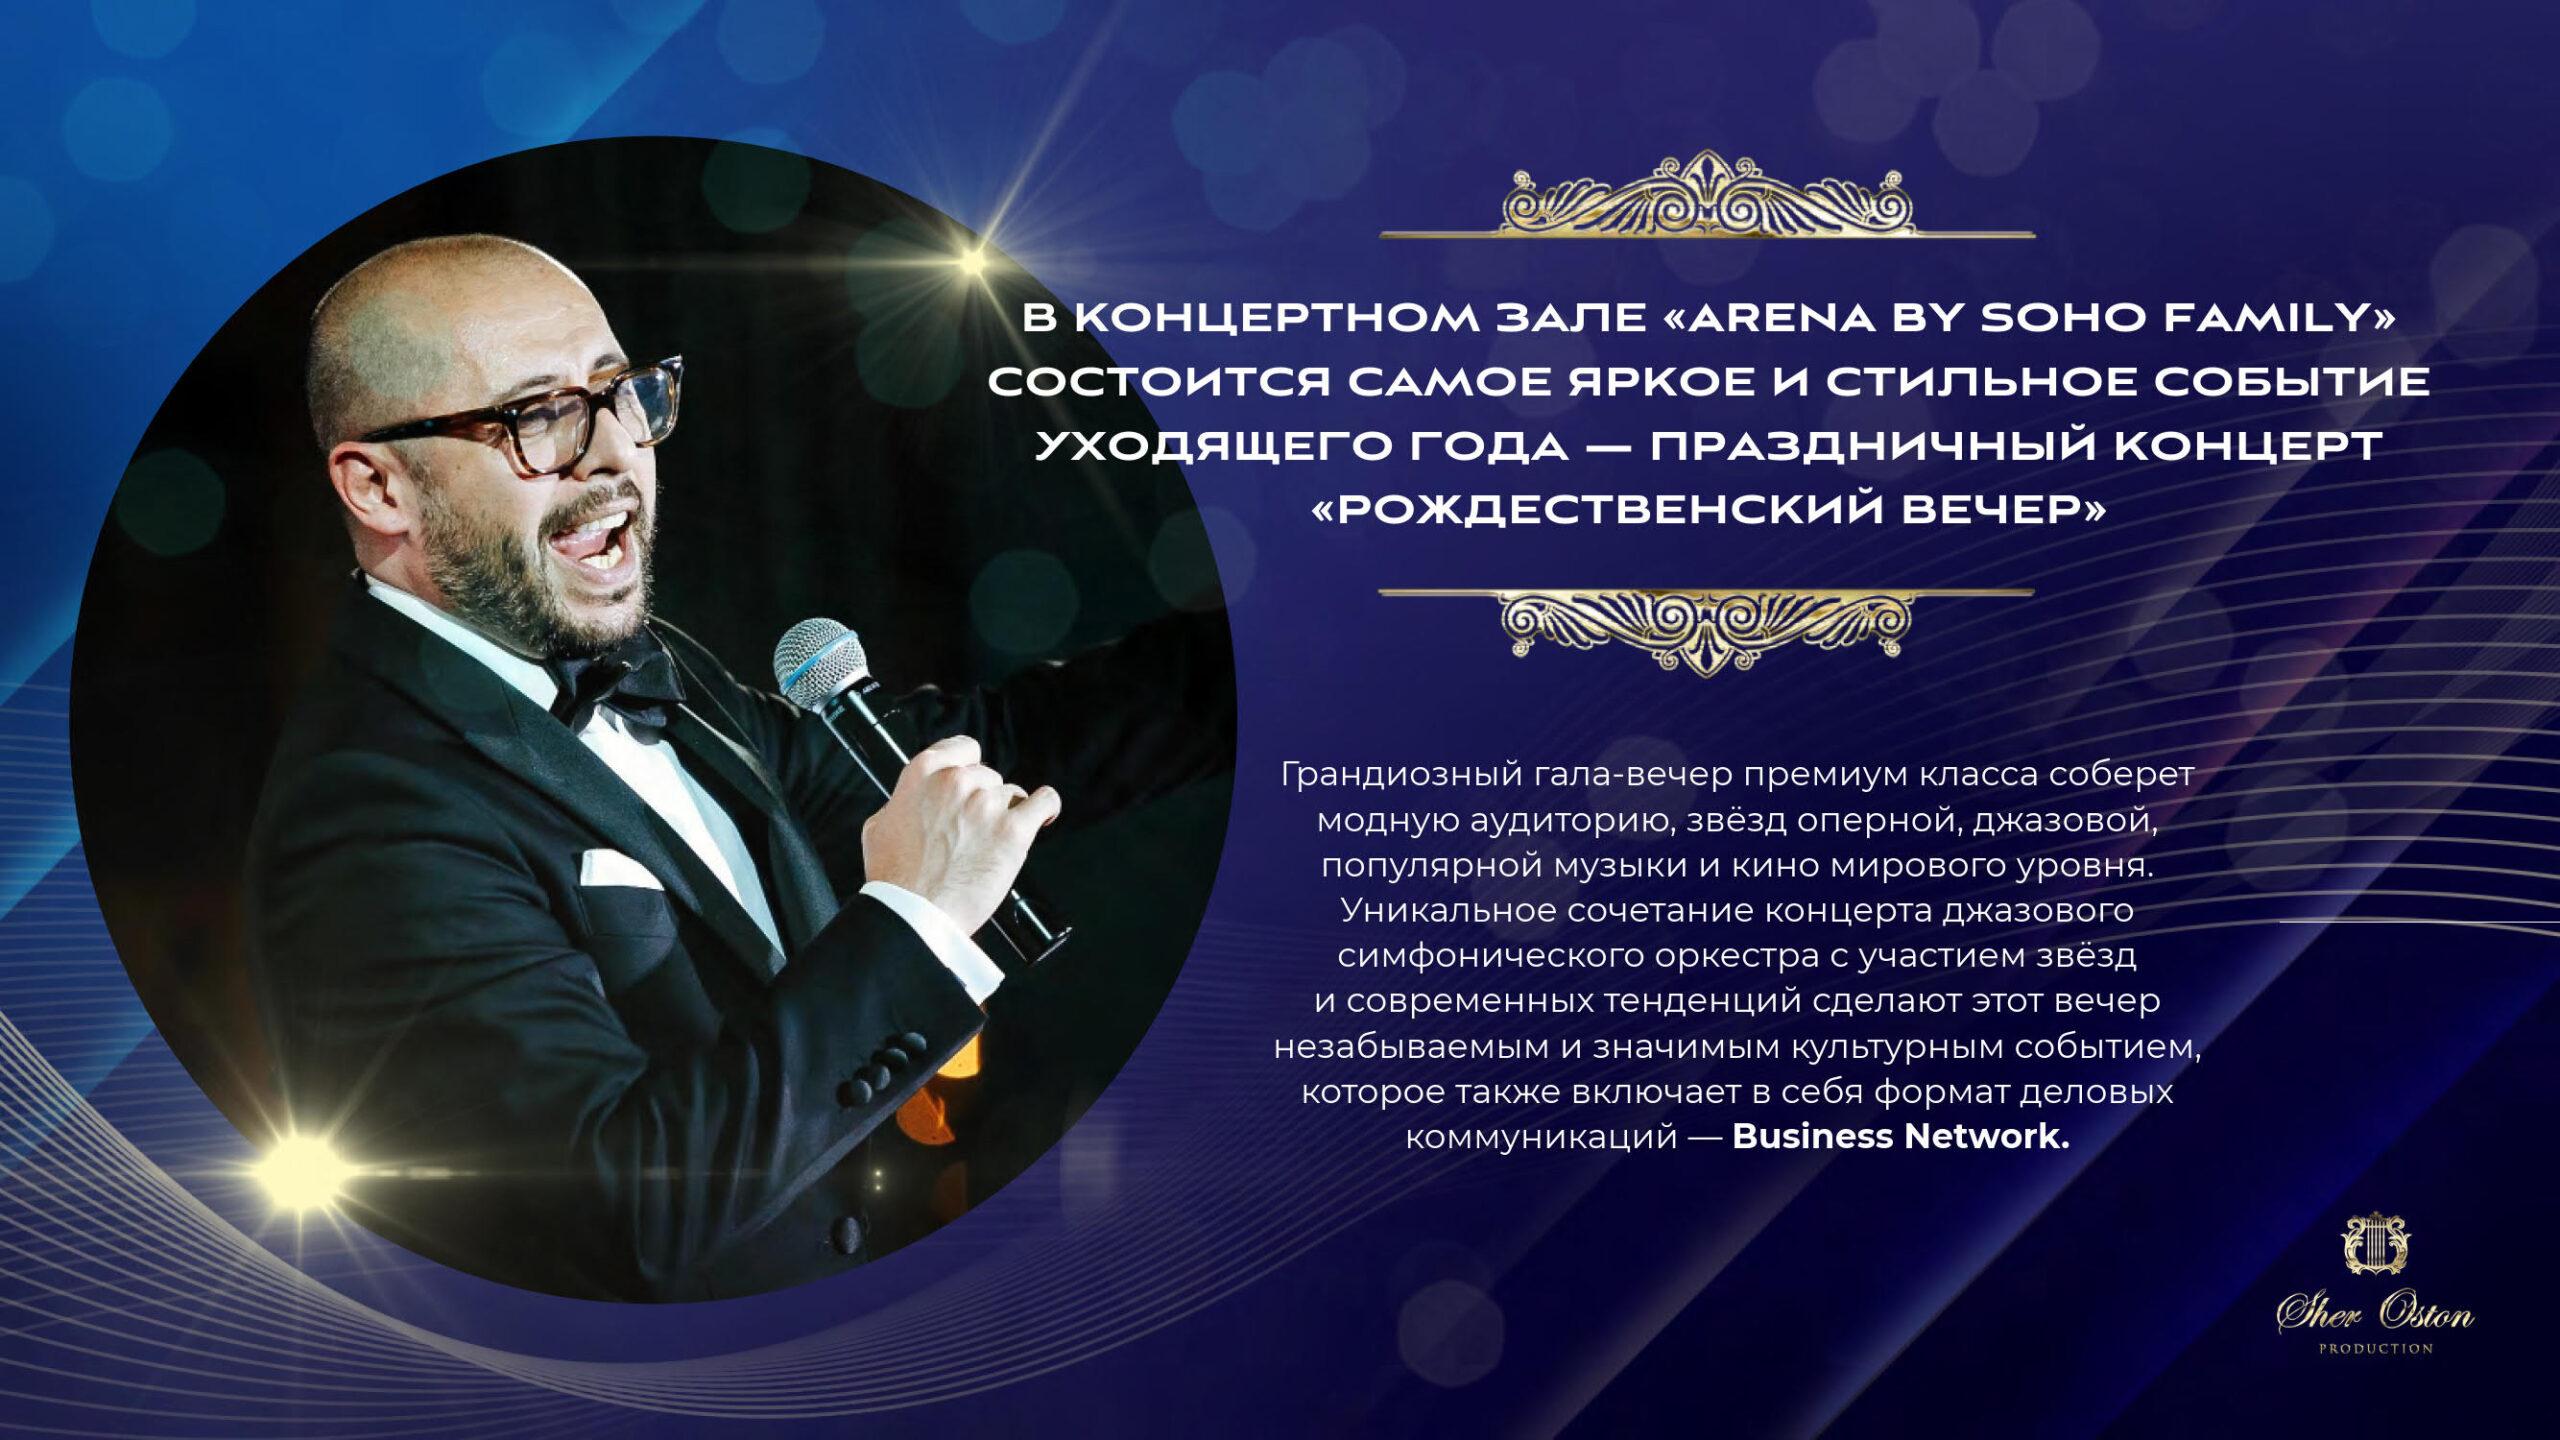 Prezentacija-koncerta-sostoitsja-koncert-rozhdestvenskij-vecher